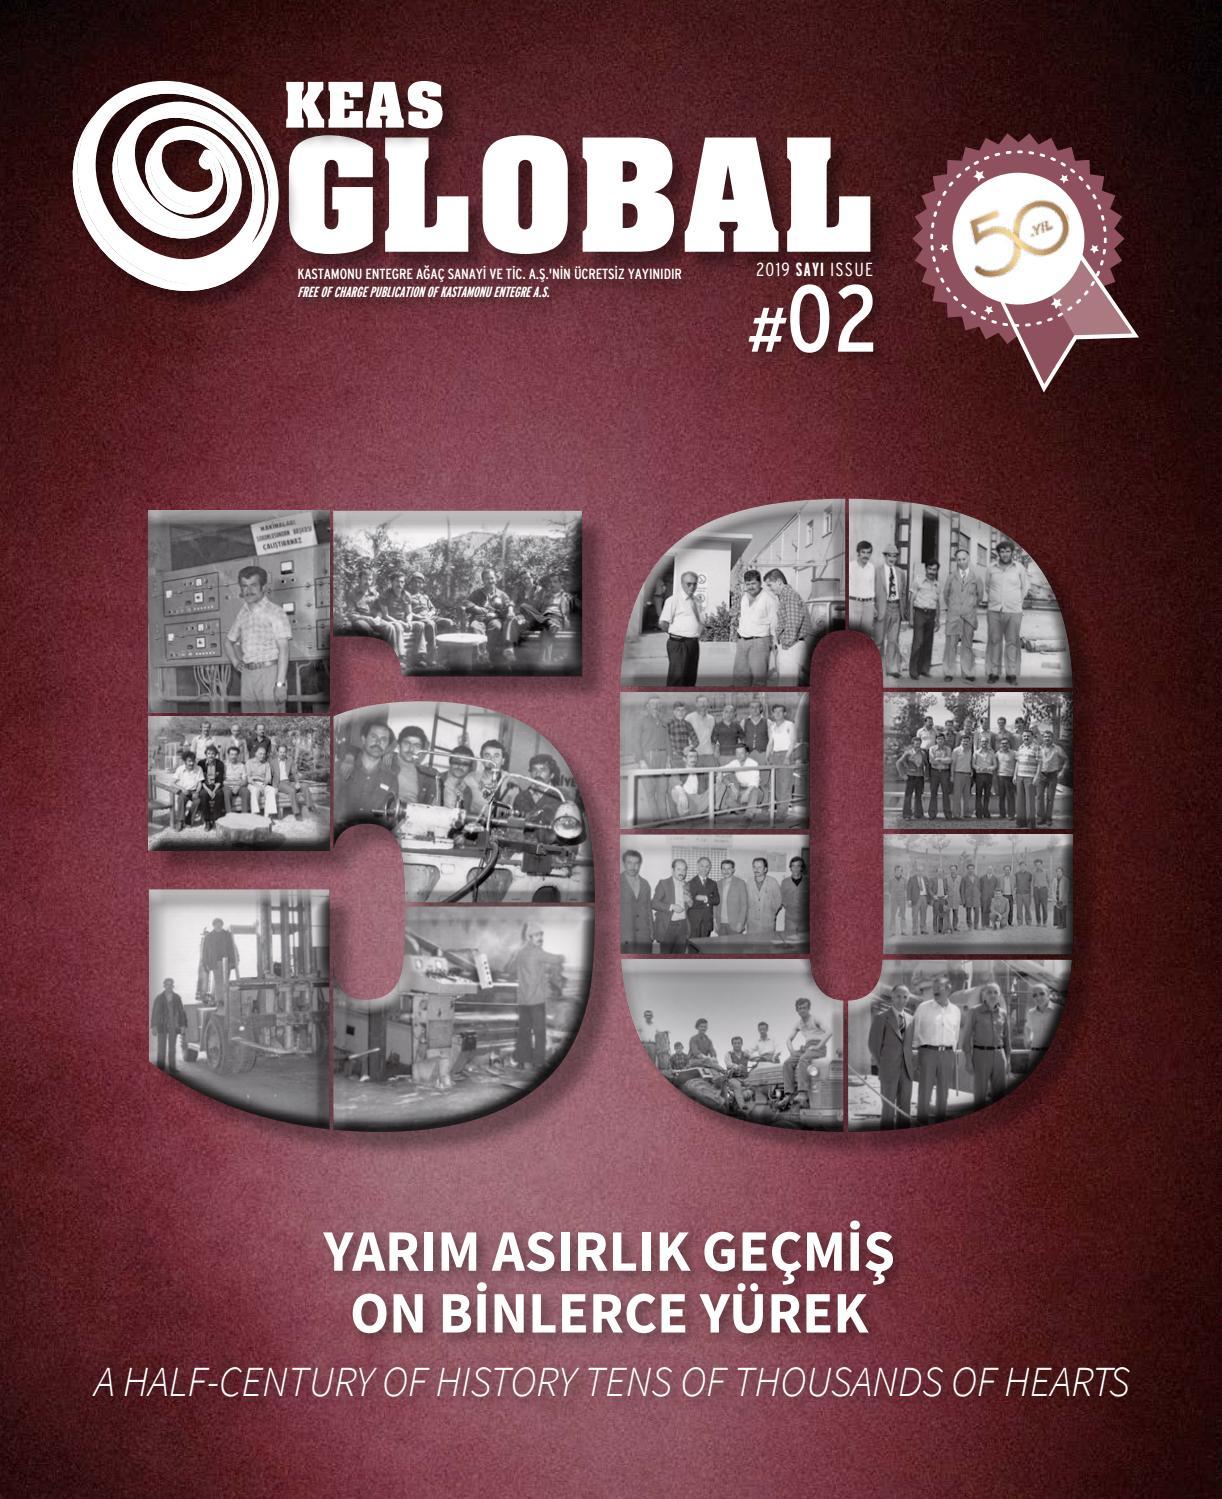 Keas Global By Viya Medya Yayincilik Organizasyon A S Issuu